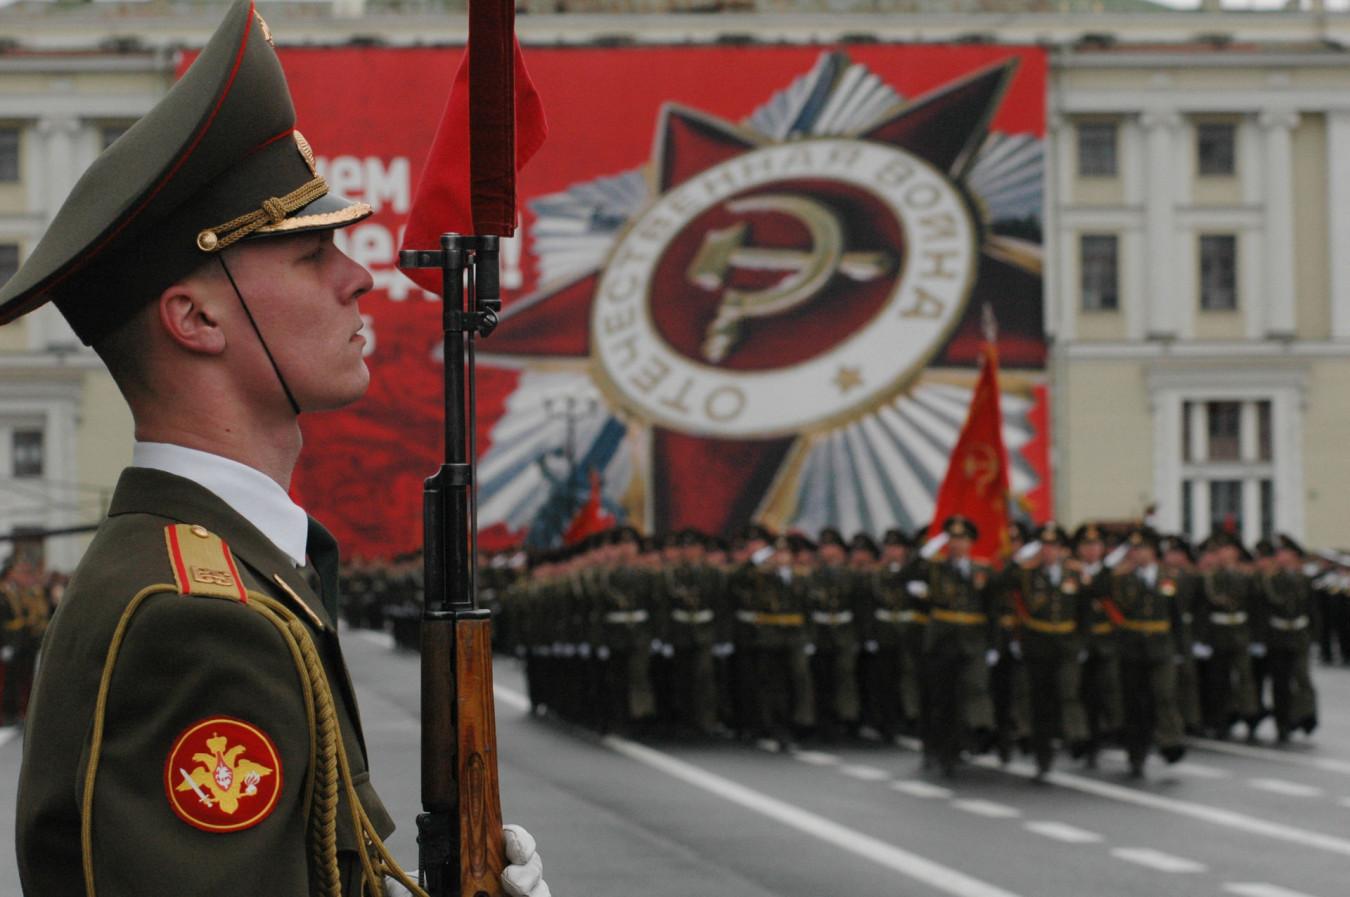 Парад 2021 года пройдет с ограничениями | Победа РФ